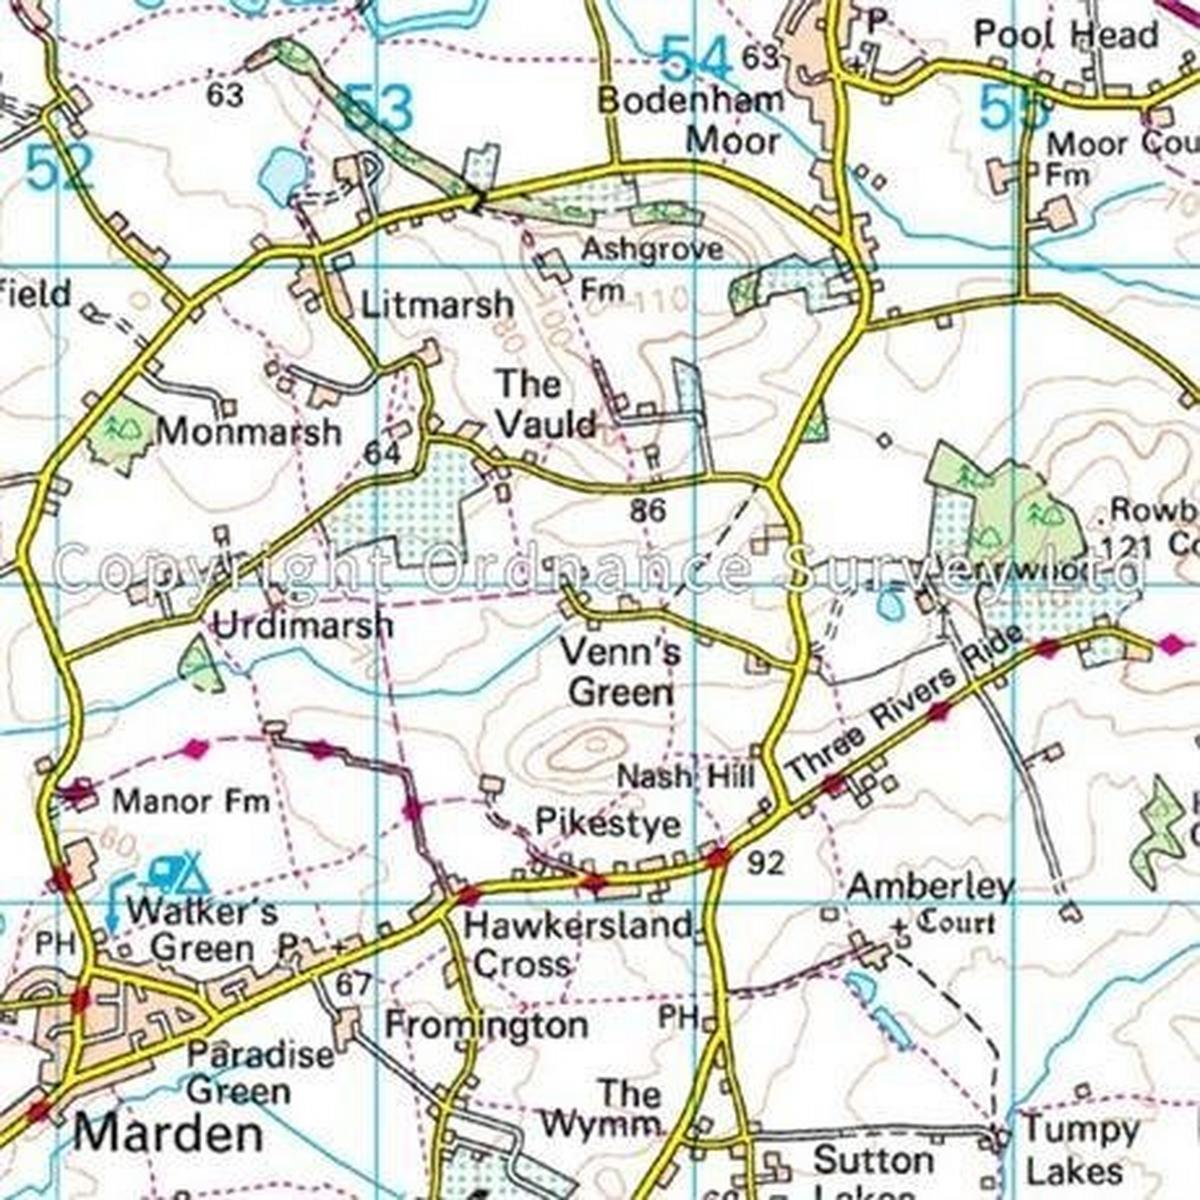 Ordnance Survey OS Landranger Map 149 Hereford & Leominster, Bromyard & Ledbury